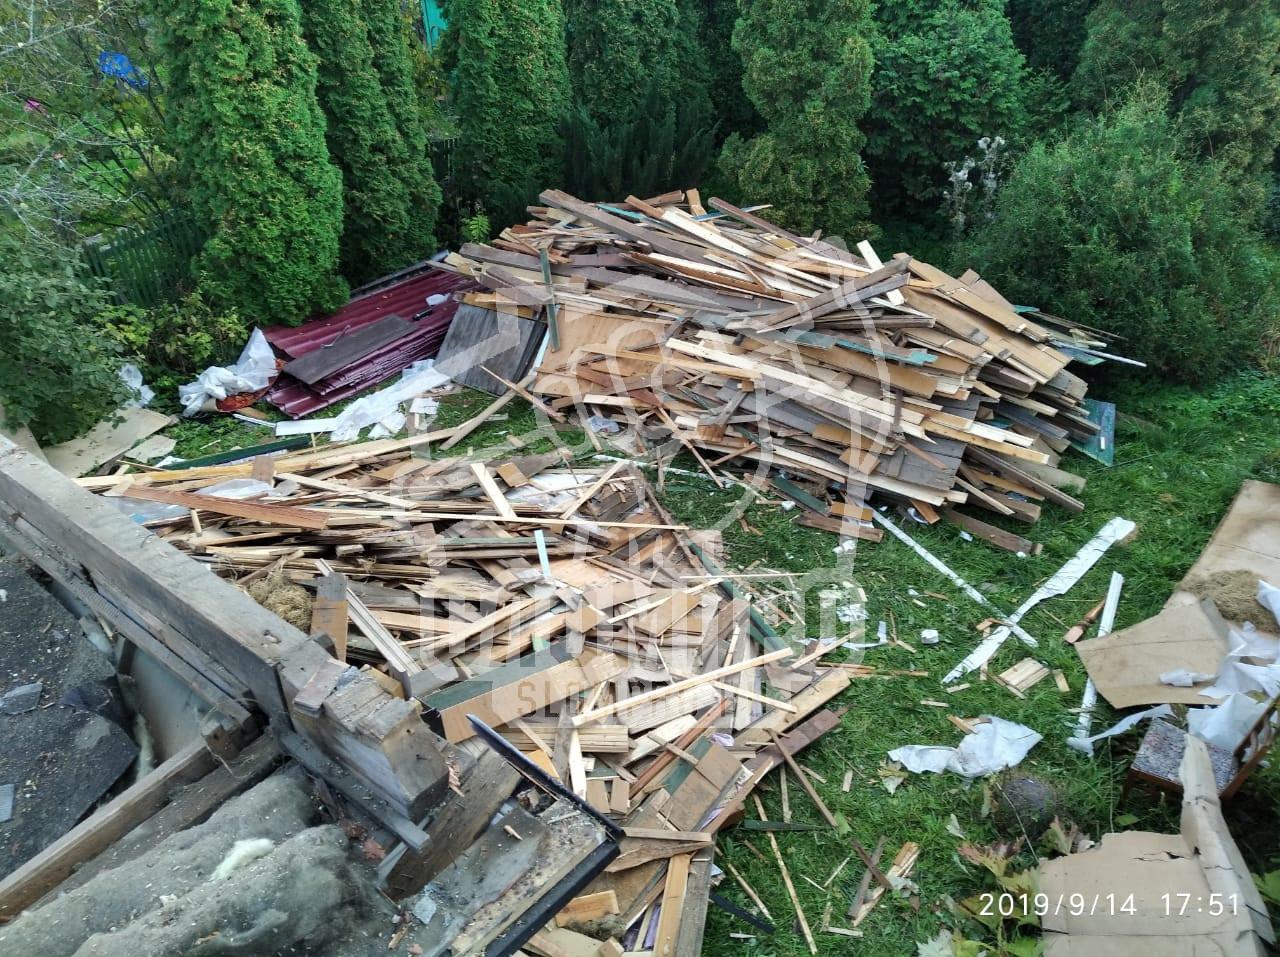 Количество строительного мусора при демонтаже щитового дома